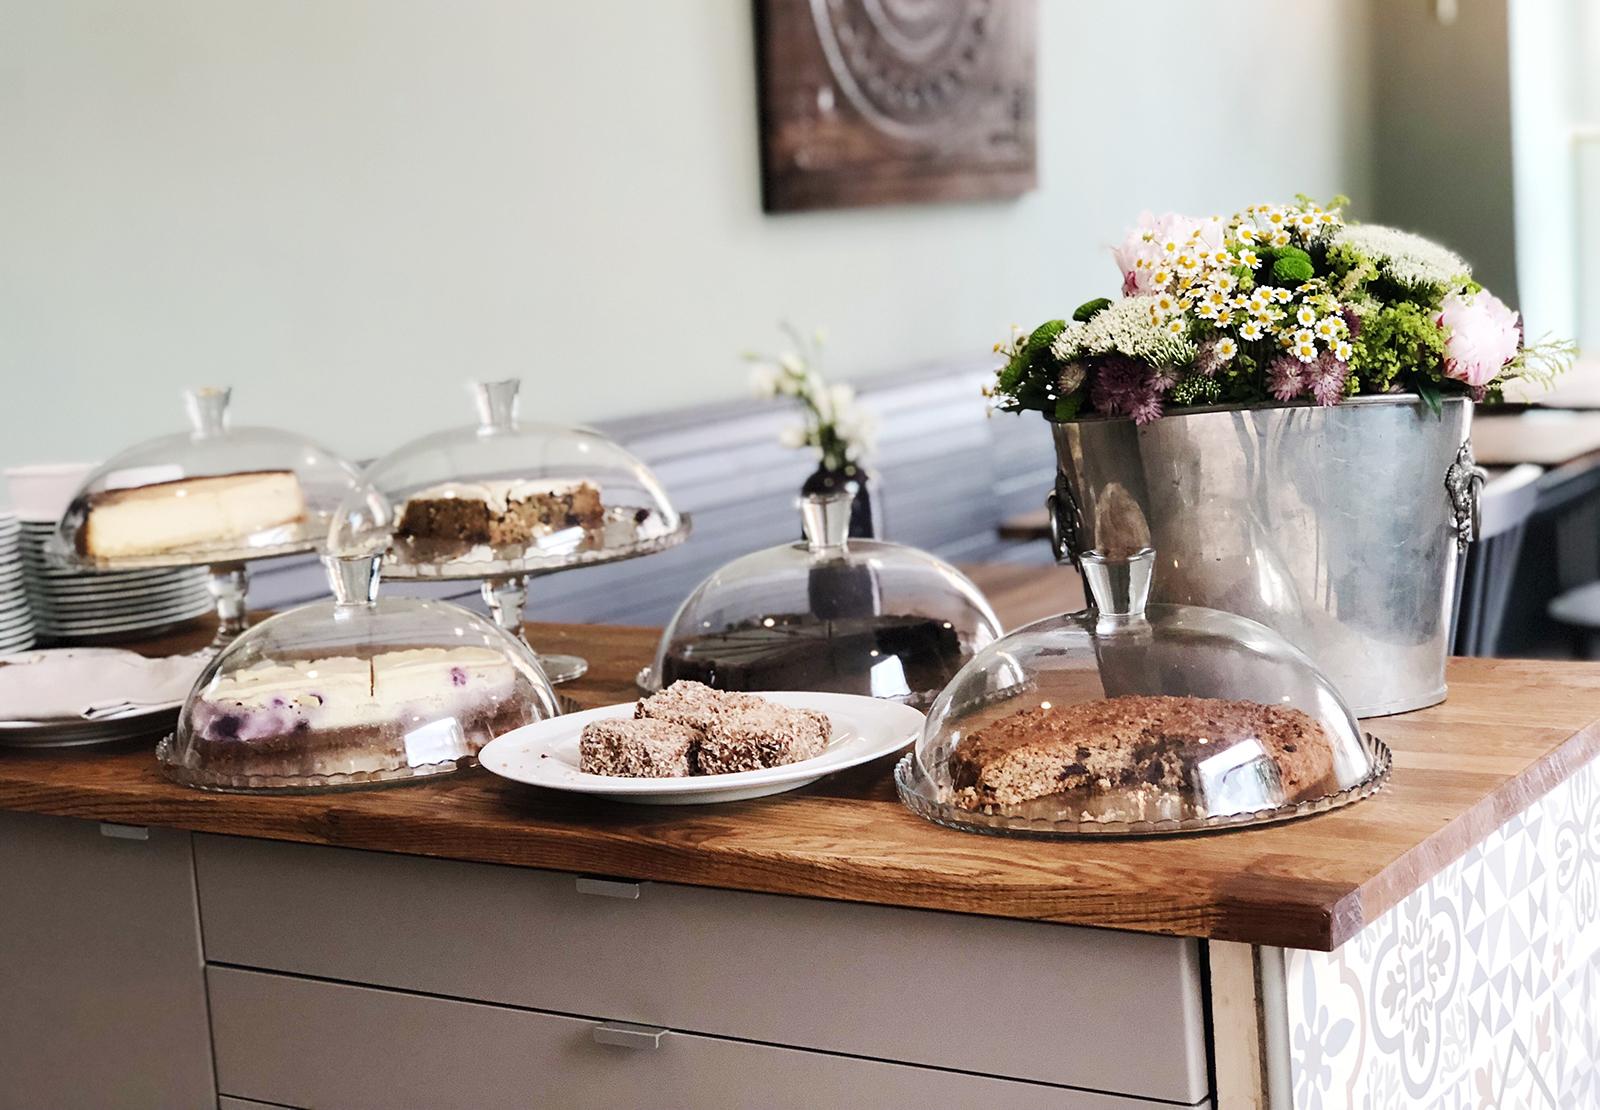 CORNER Hannover Kuchen - Kaffee | Kuchen | Frühstück | Brotzeit & ganz viel Liebe!